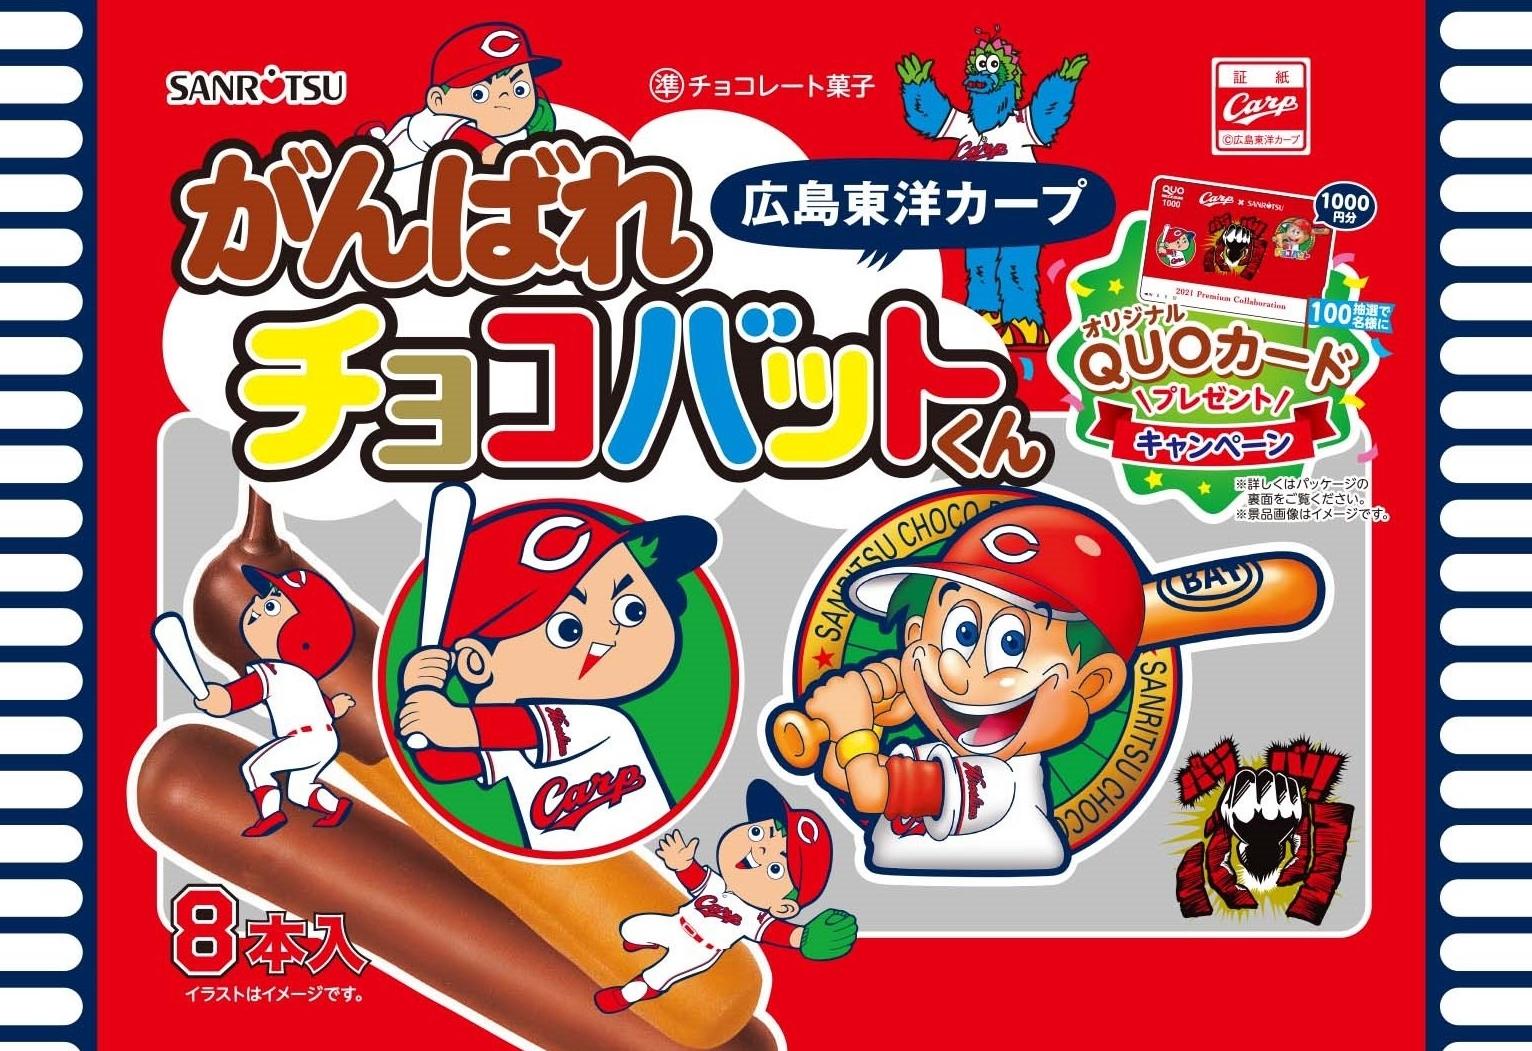 がんばれ広島東洋カープチョコバットくん